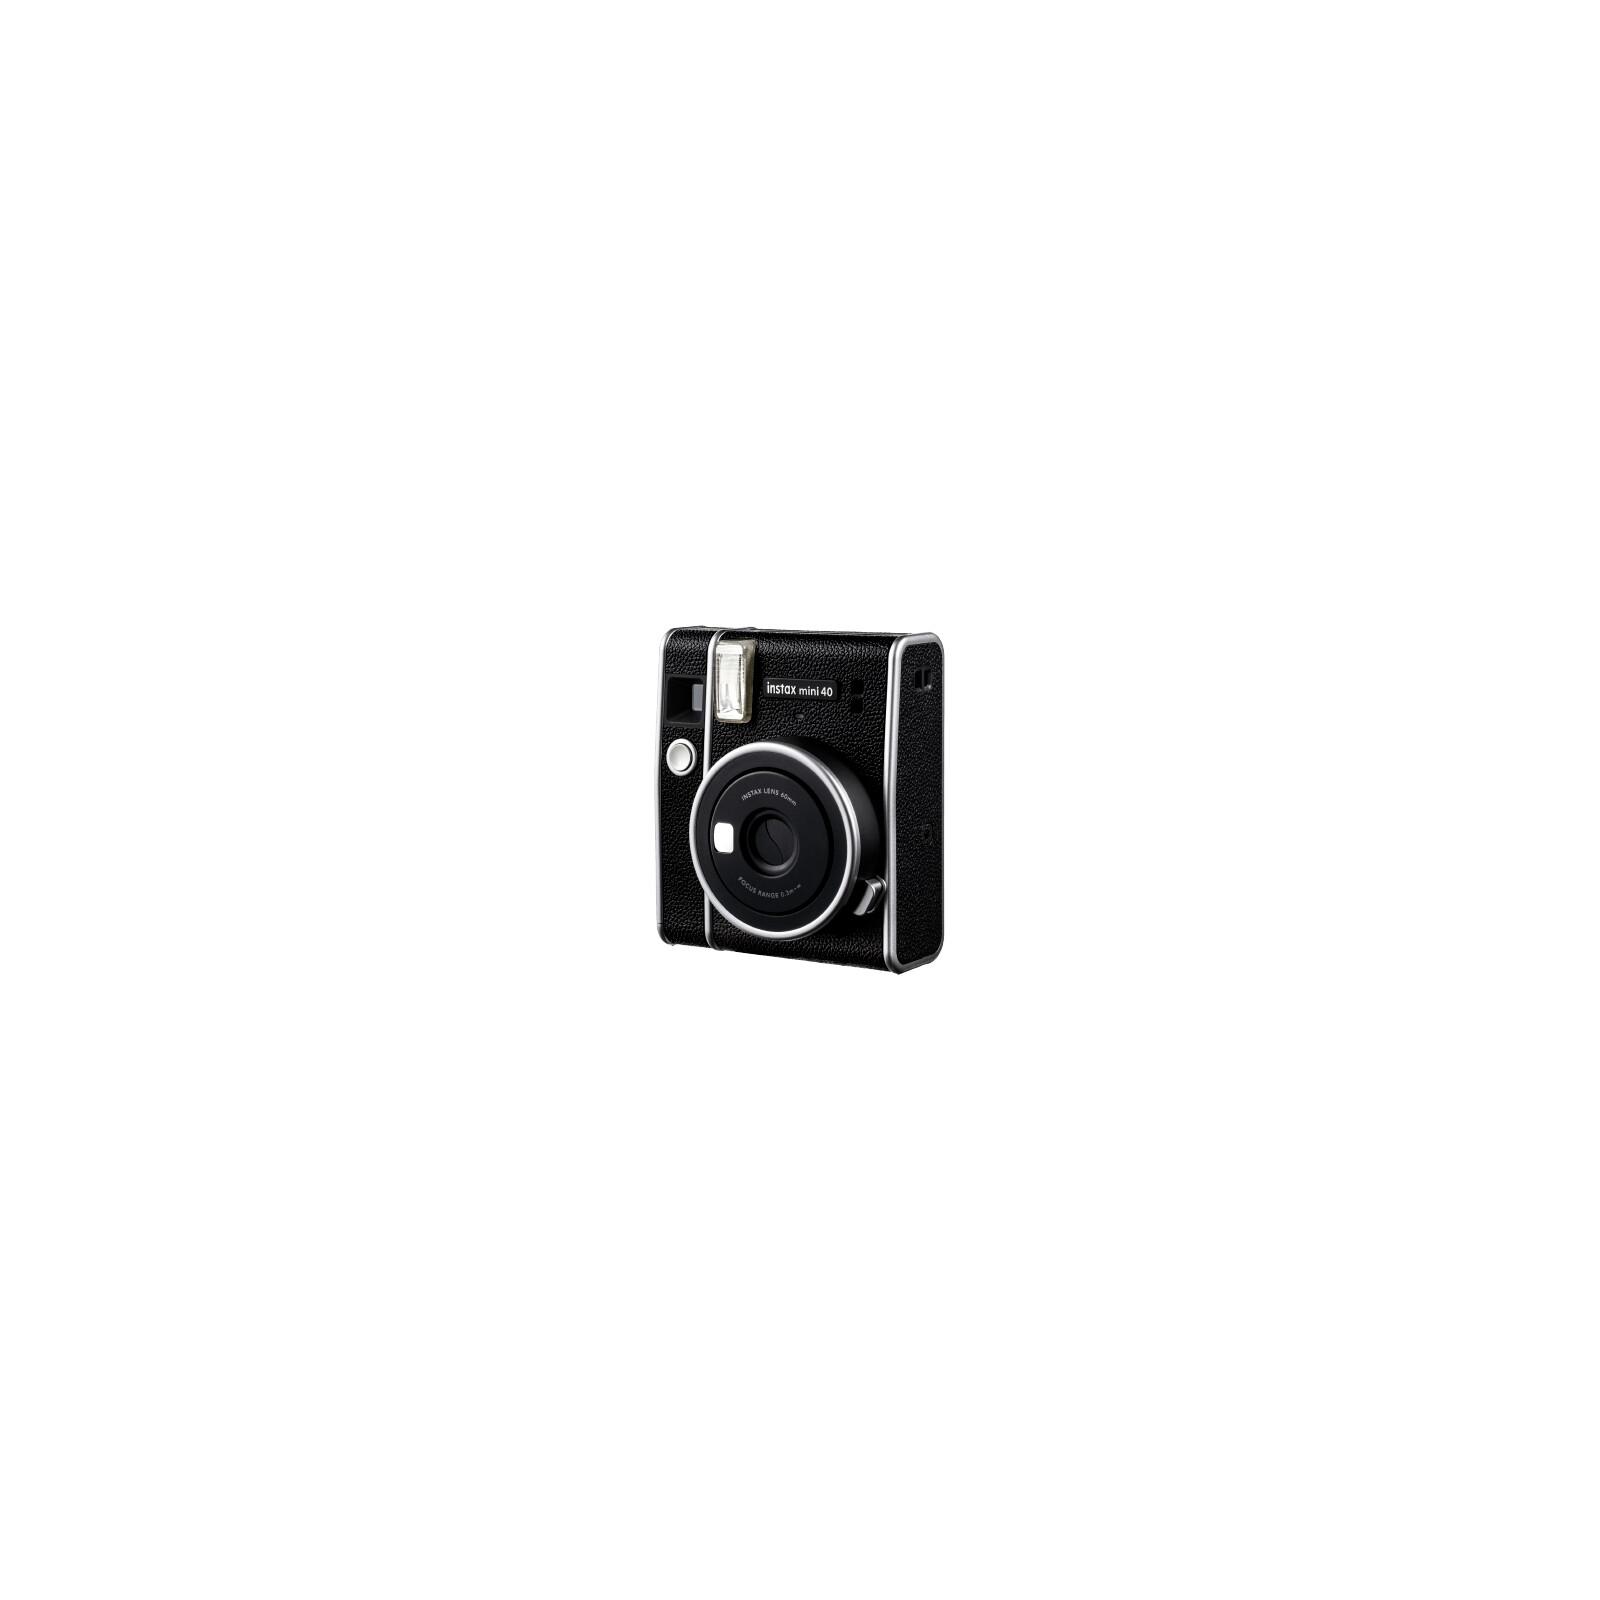 Fujifilm Instax Mini 40 EX D